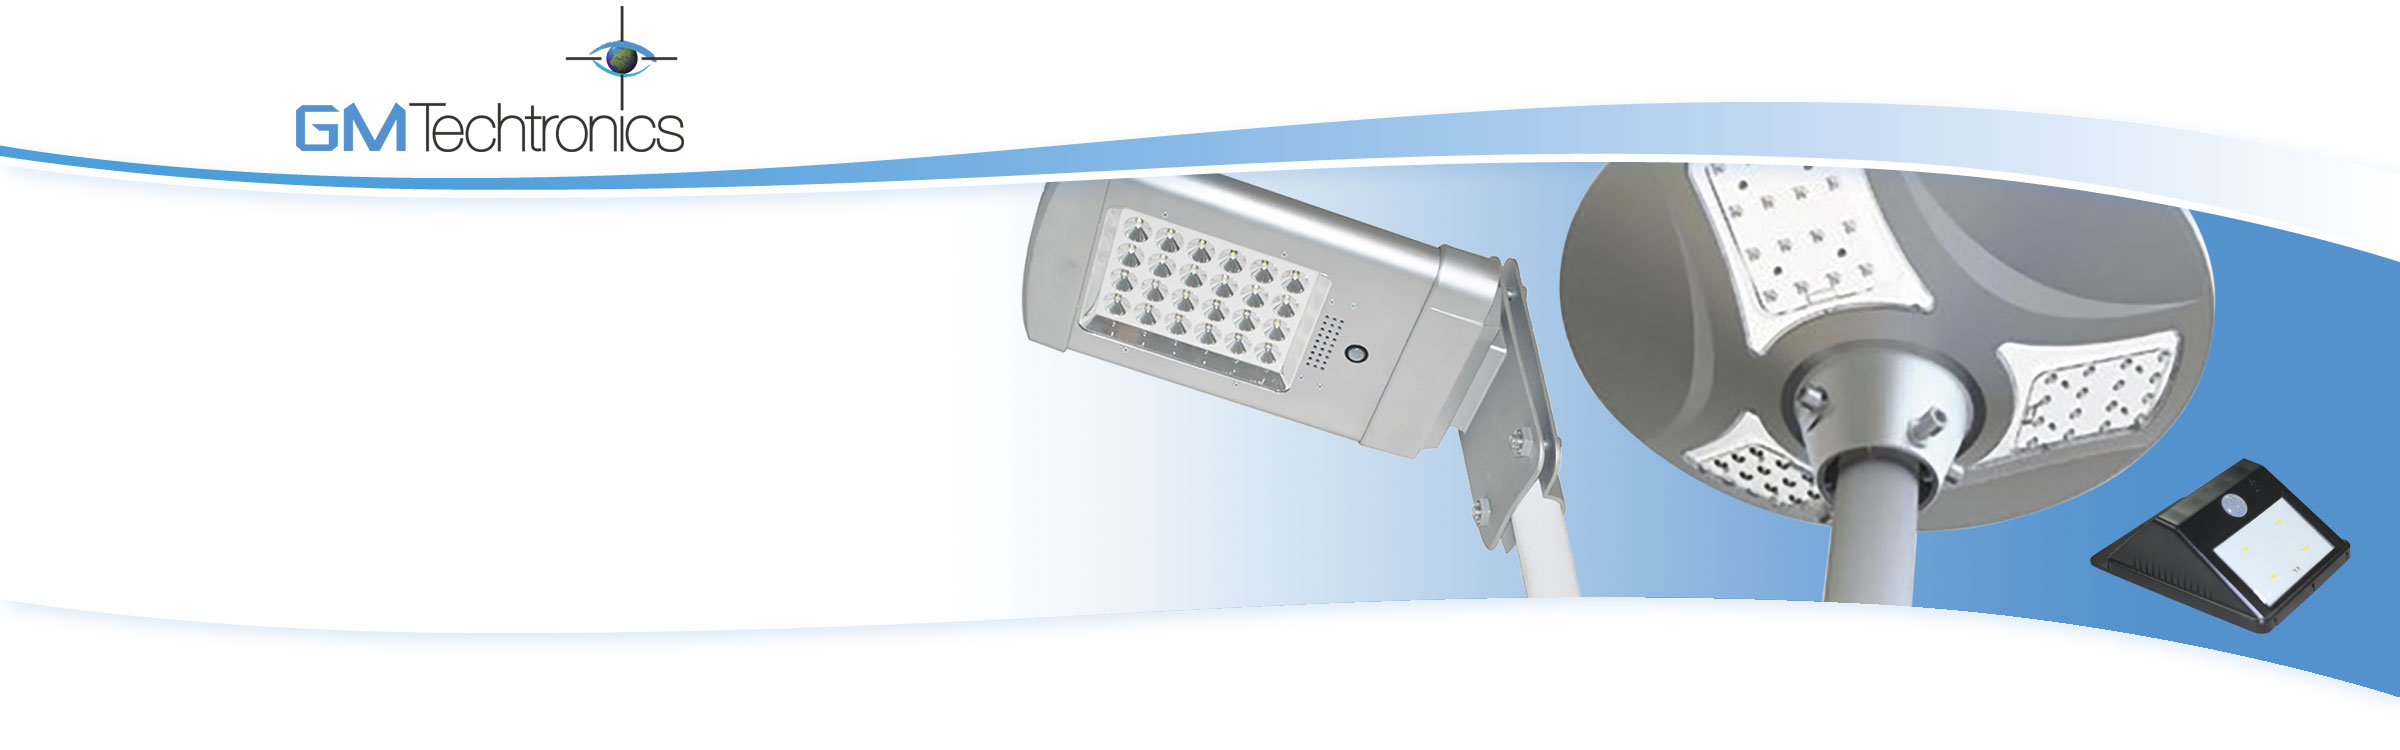 GM-Tech-slide-lights